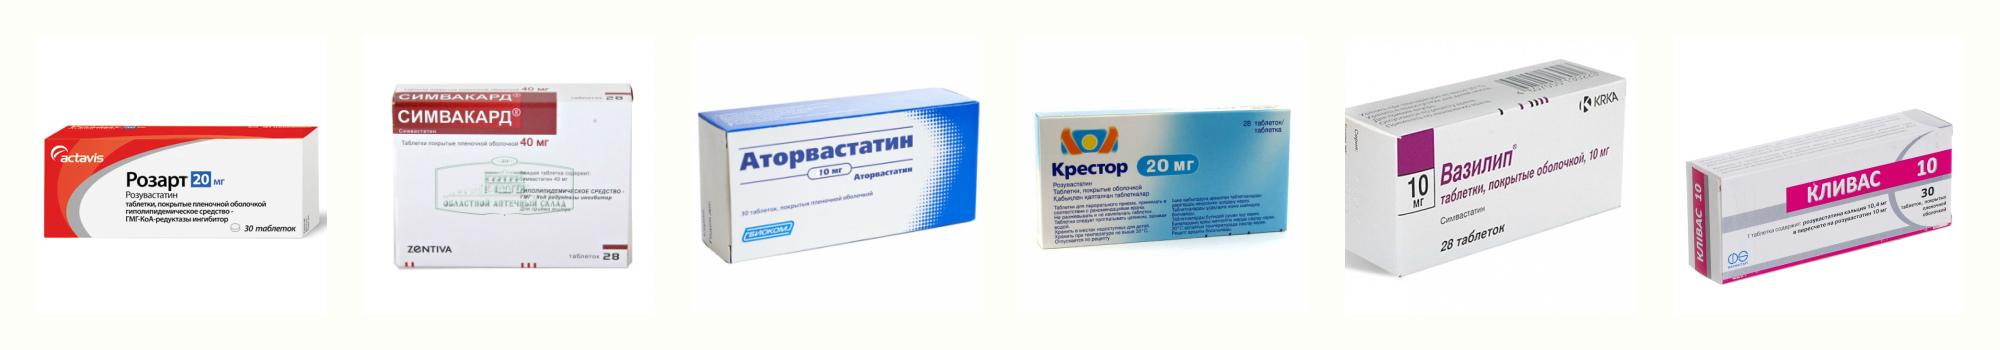 Часто применяемые антисклеротические препараты статины